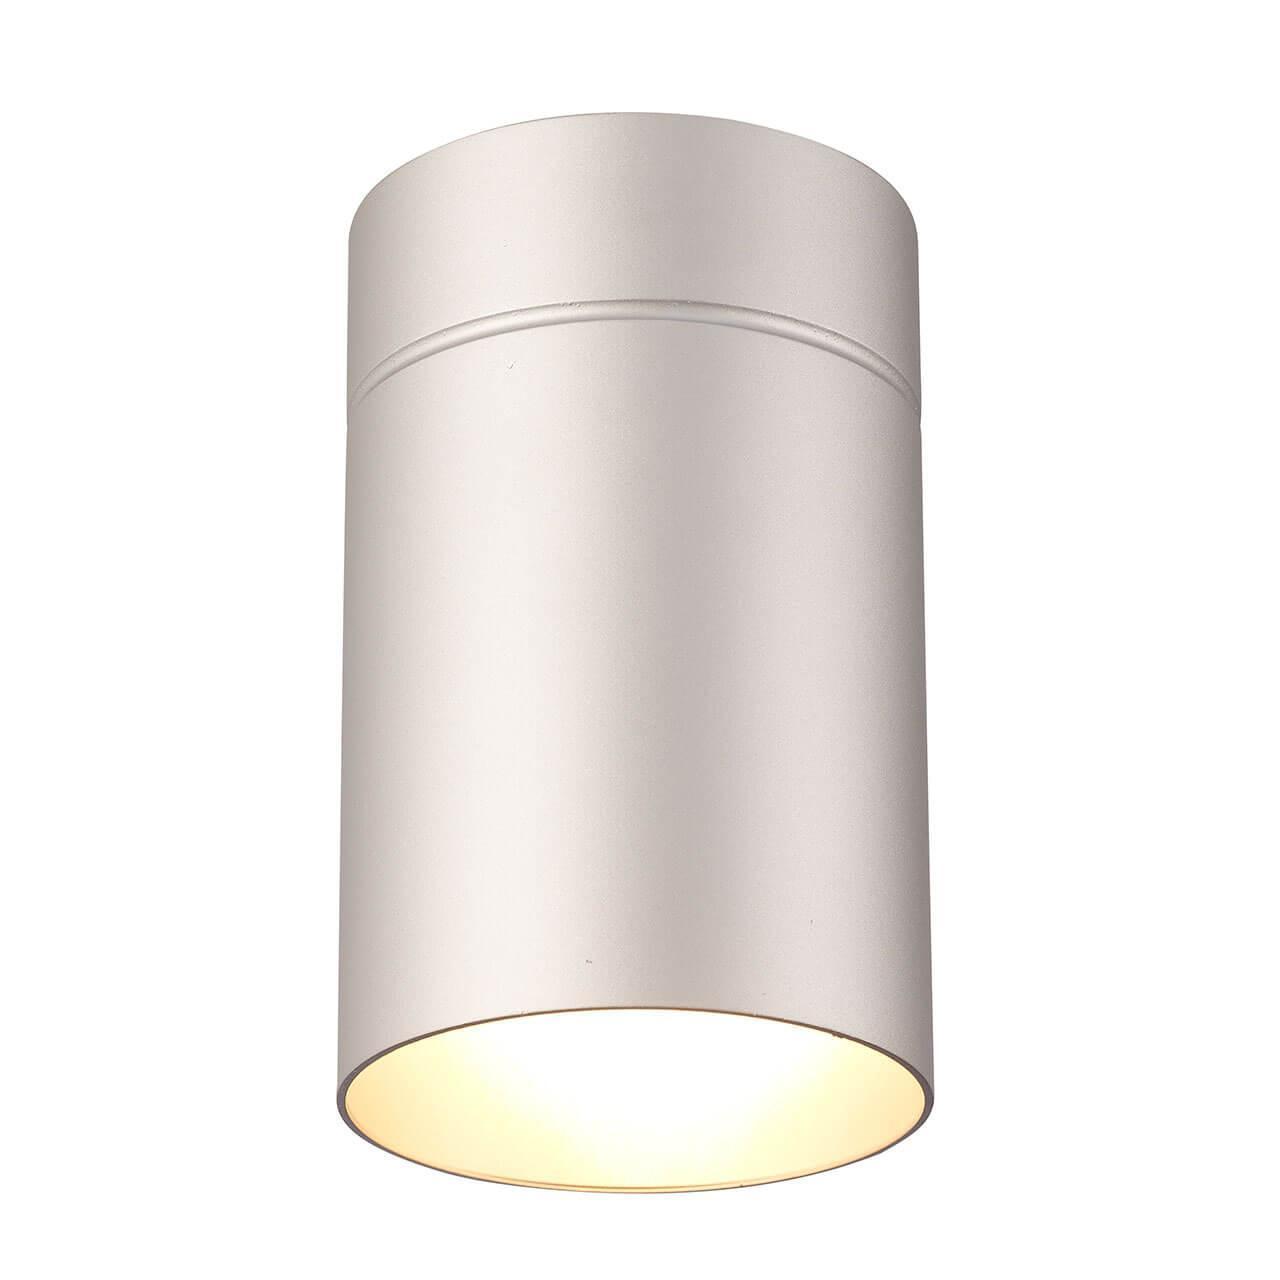 Накладной светильник Mantra 5628, E27, 40 Вт цена 2017